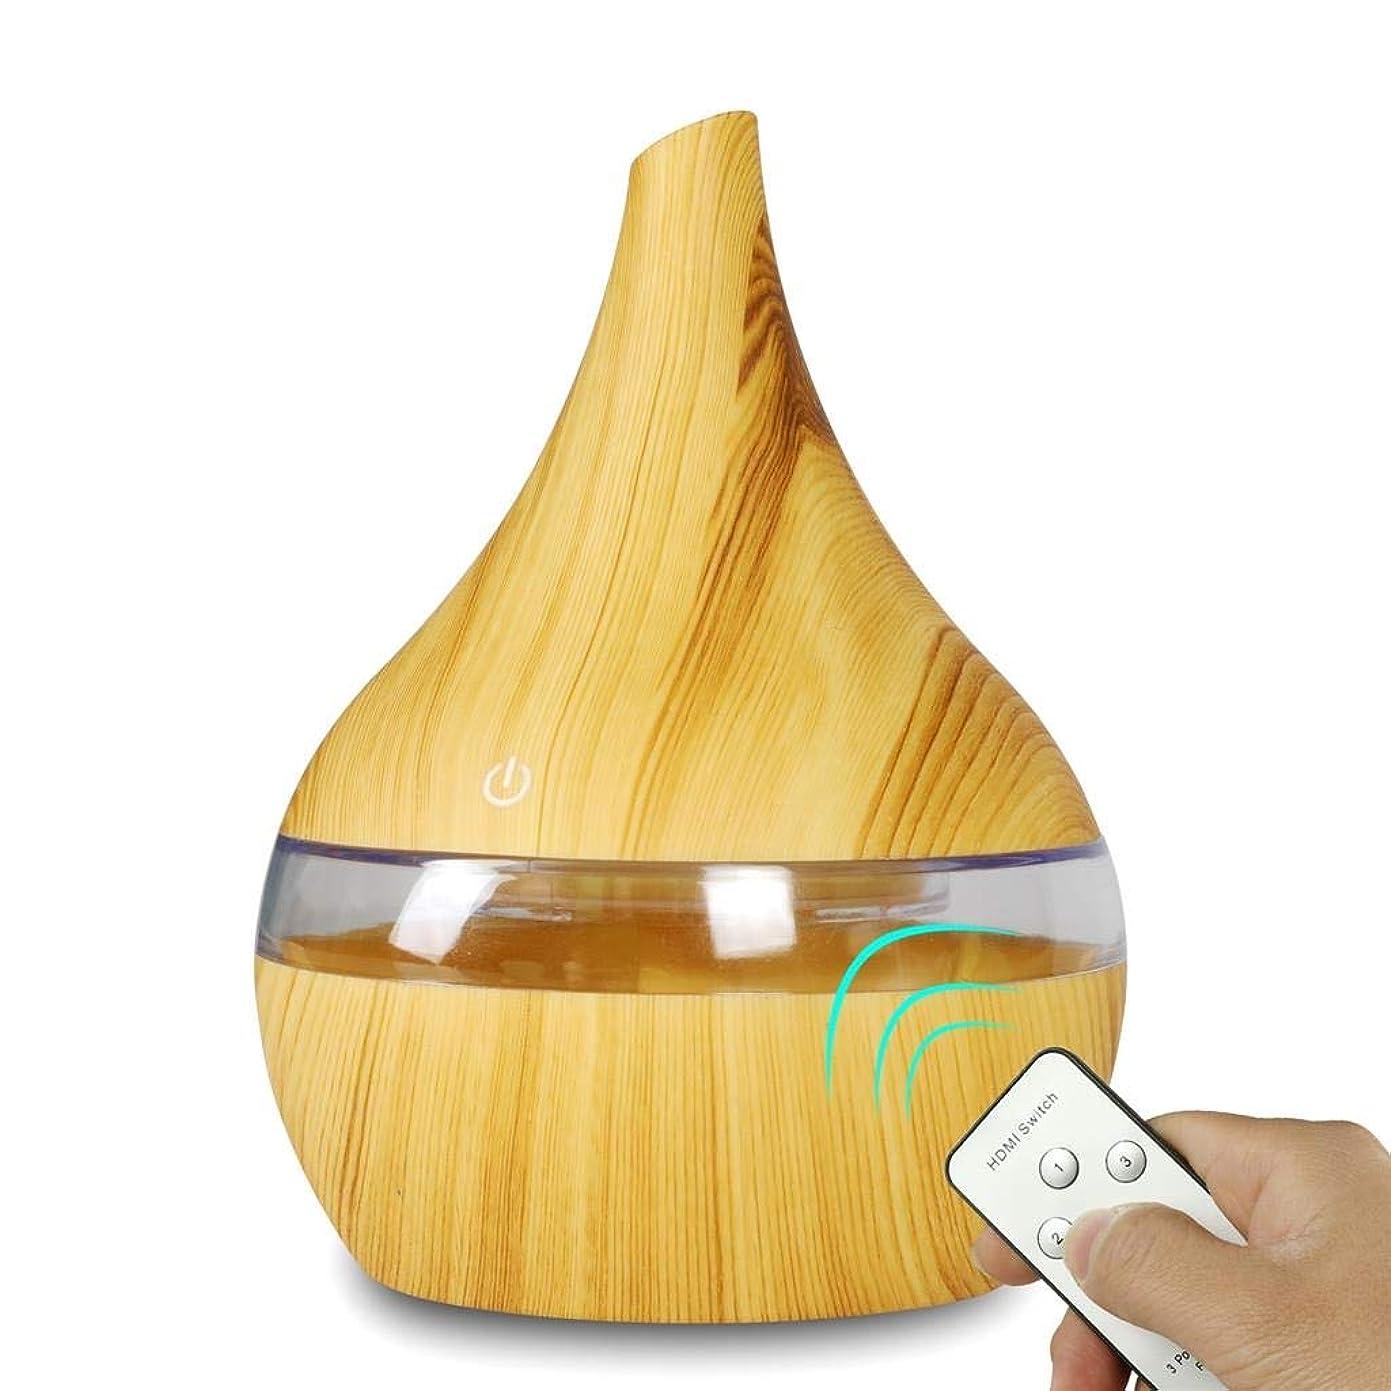 ロータリー感染する急性超音波式 アロマ加湿器 搭载防空烧功能 ミスト アロマ フレグランス 癒し リラックス 調光 LED 寝室 (Color : Light wood)